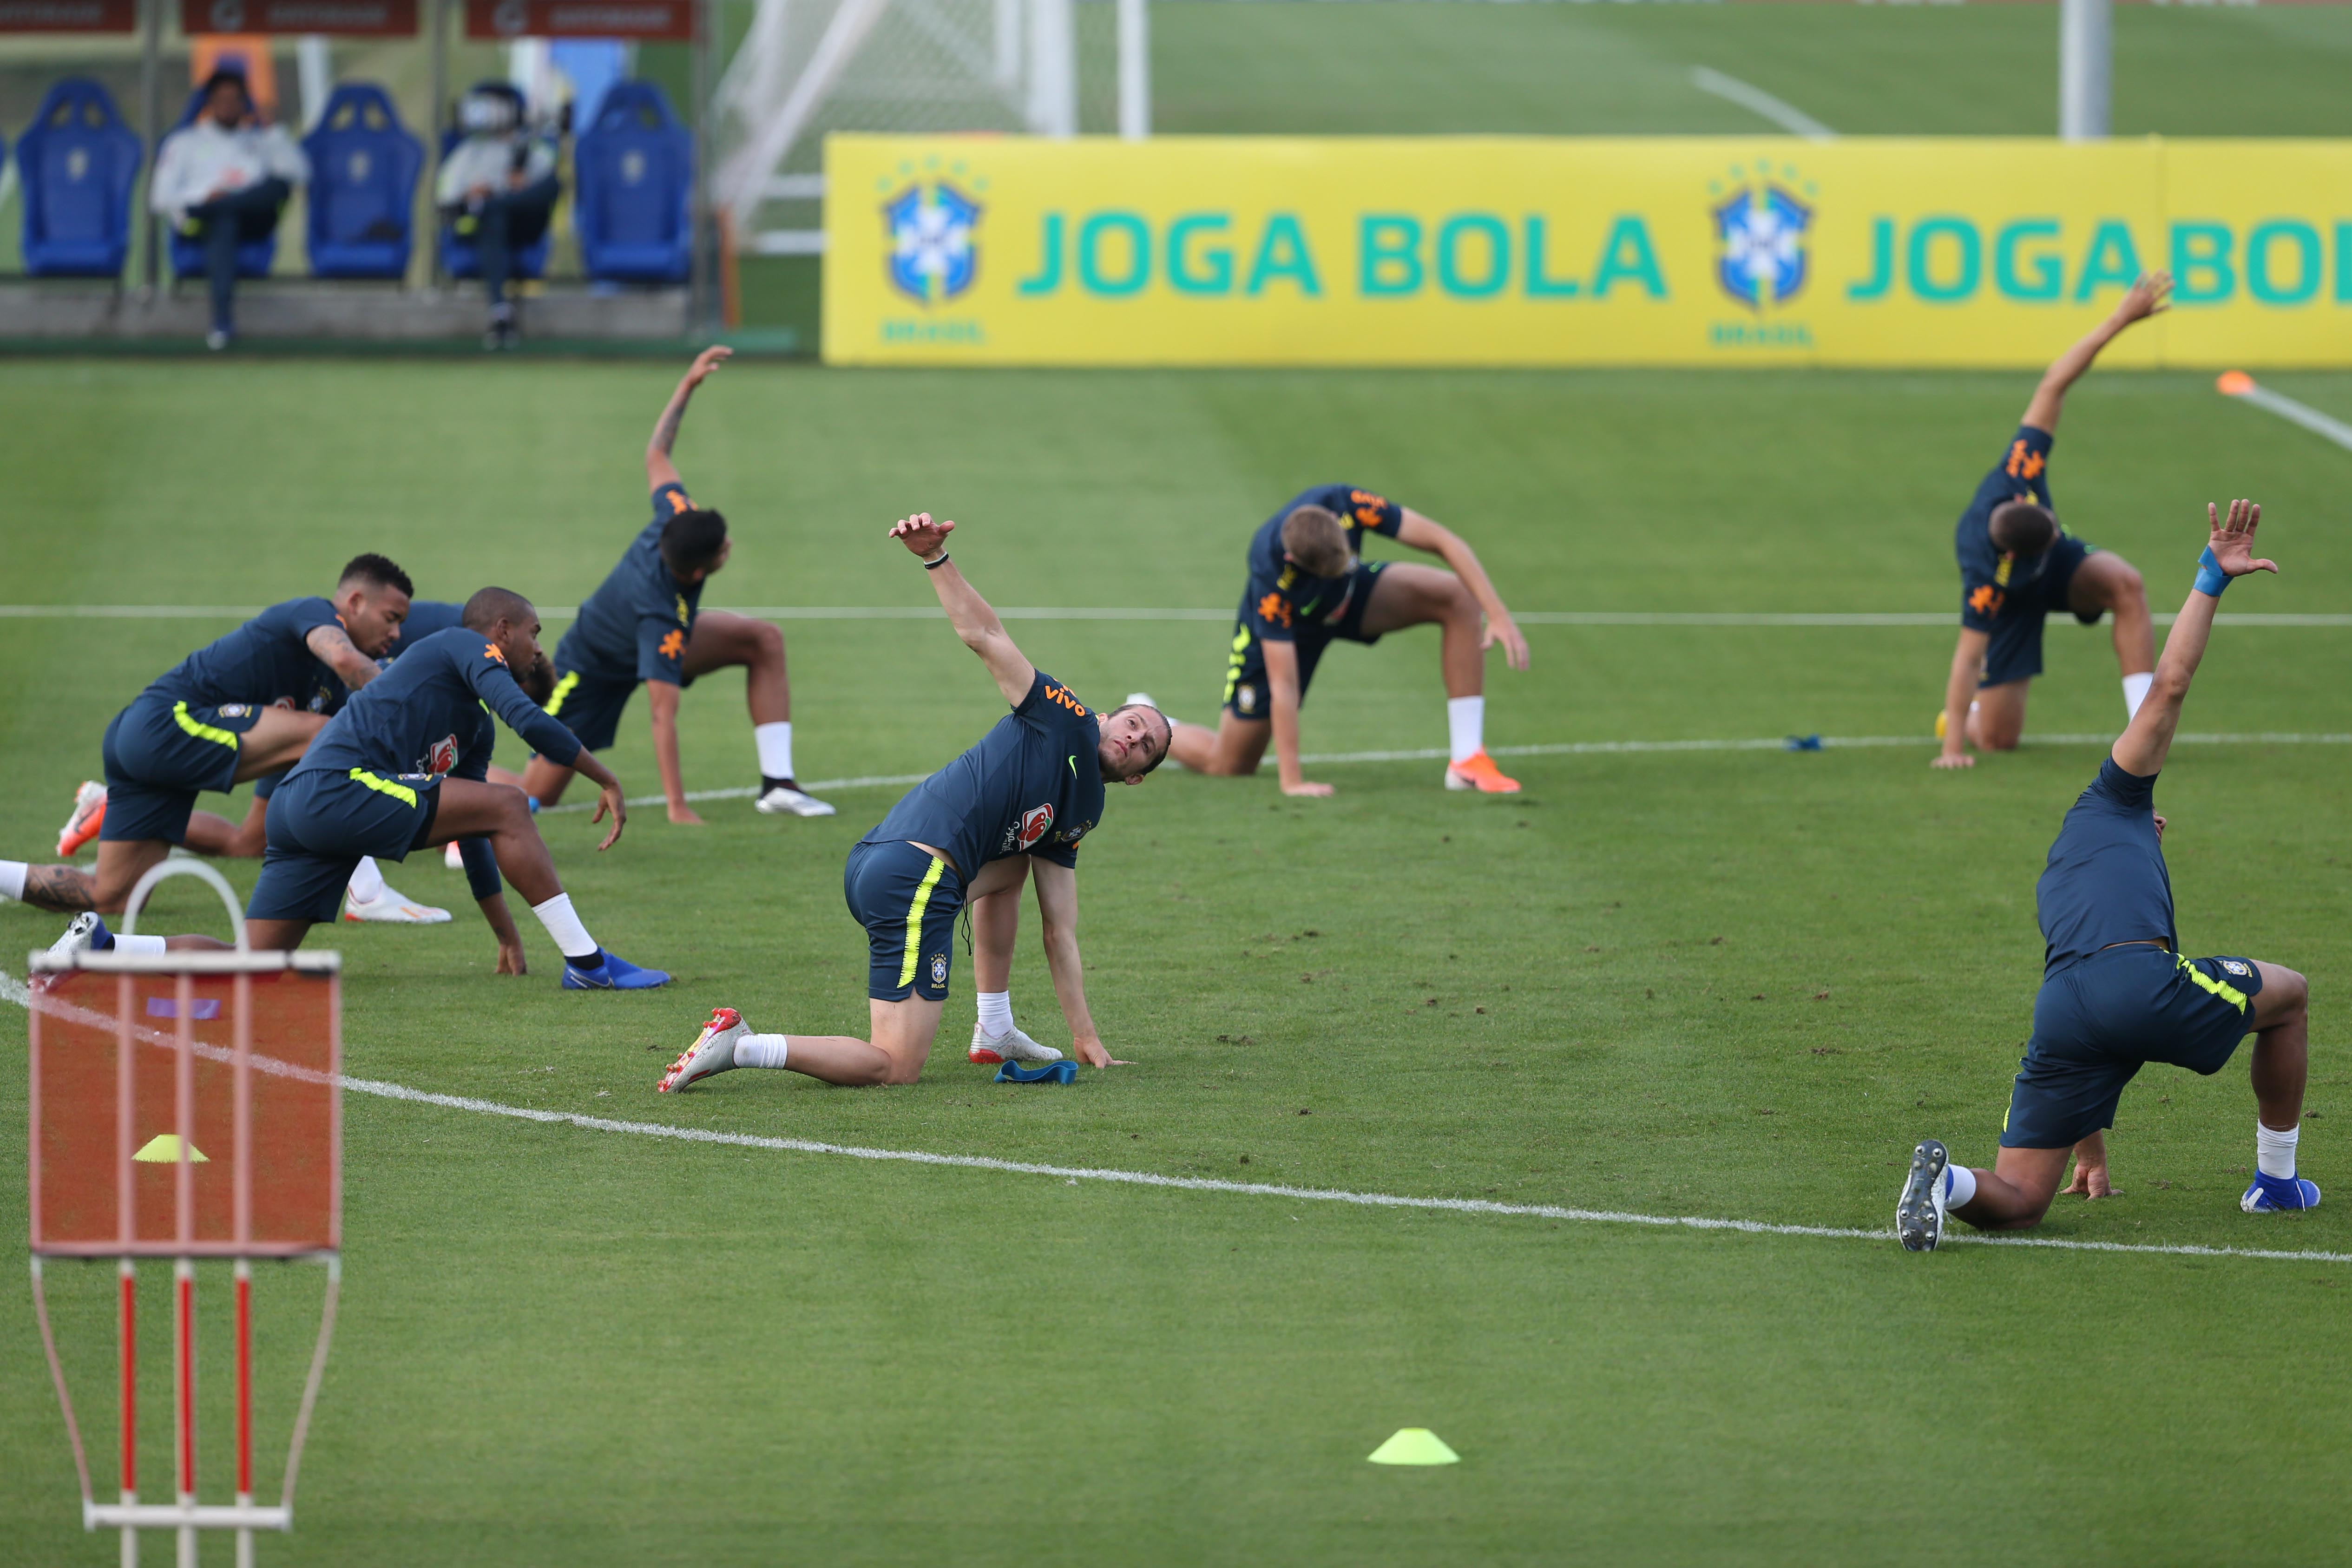 巴西国家男子足球队_足球——巴西队备战美洲杯_特雷索波利斯